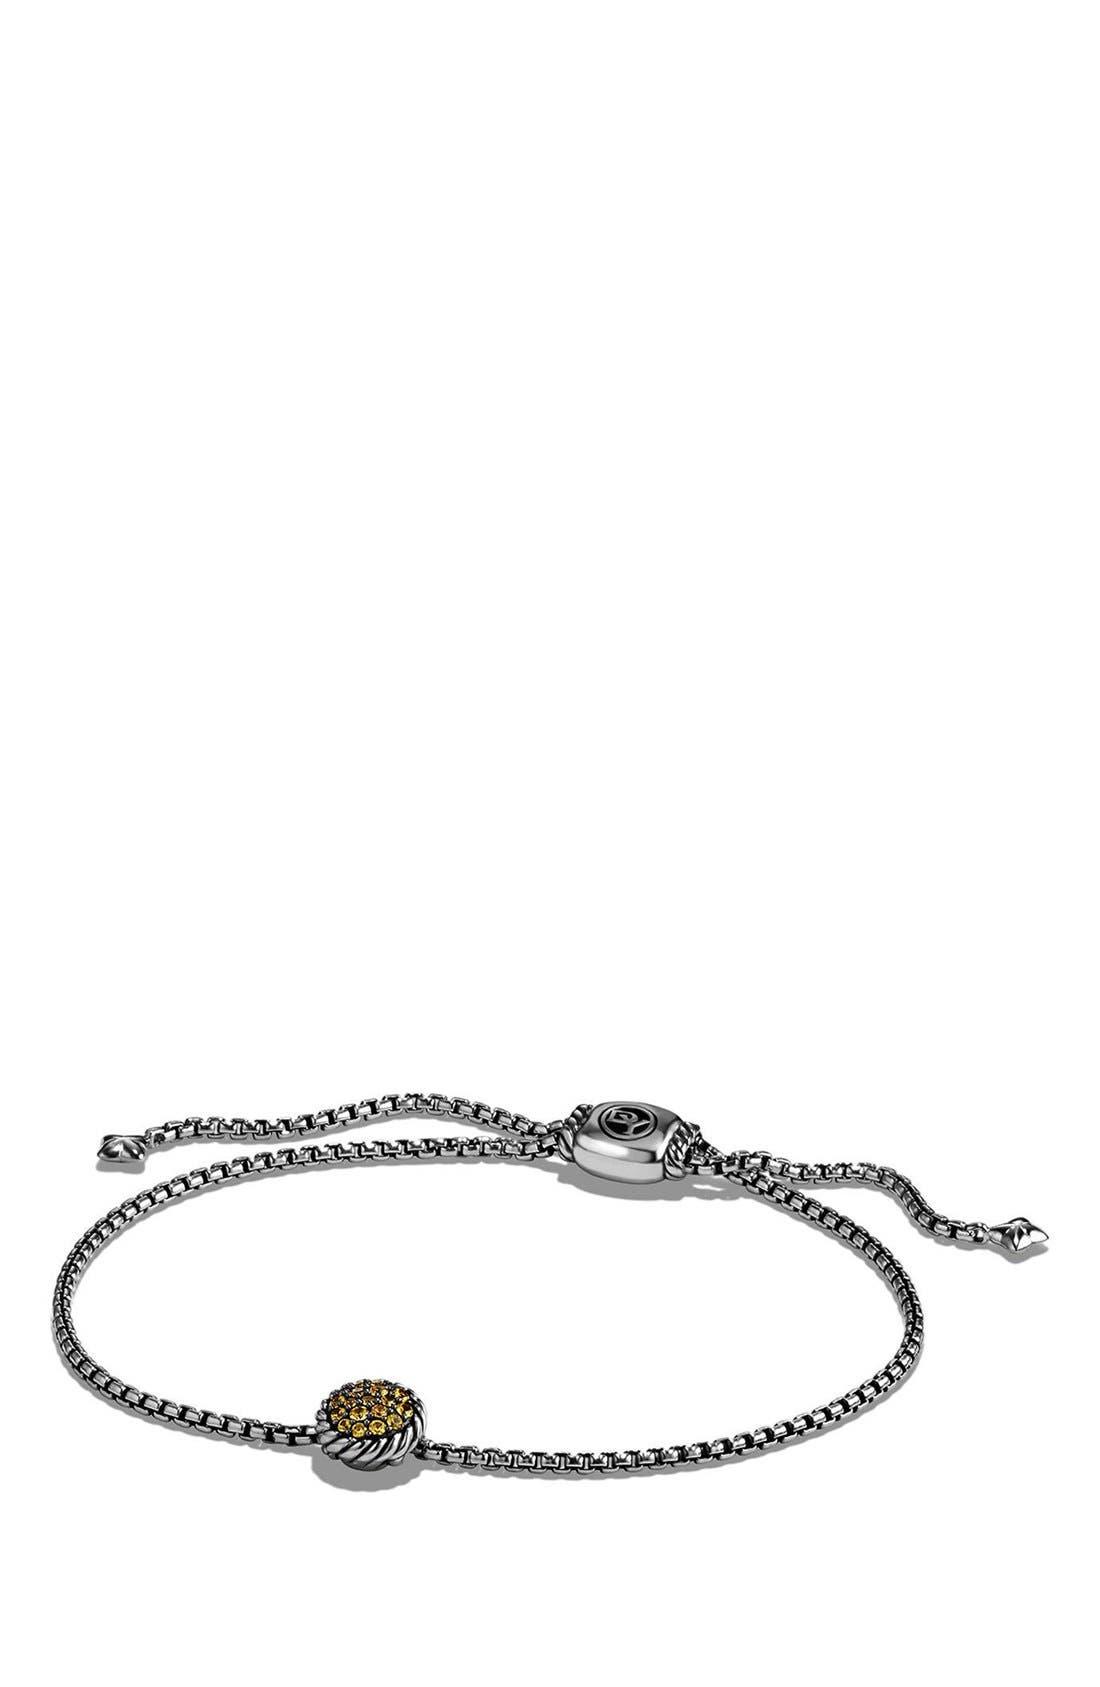 'Châtelaine' Petite Bracelet,                             Main thumbnail 1, color,                             SILVER/ YELLOW SAPPHIRE